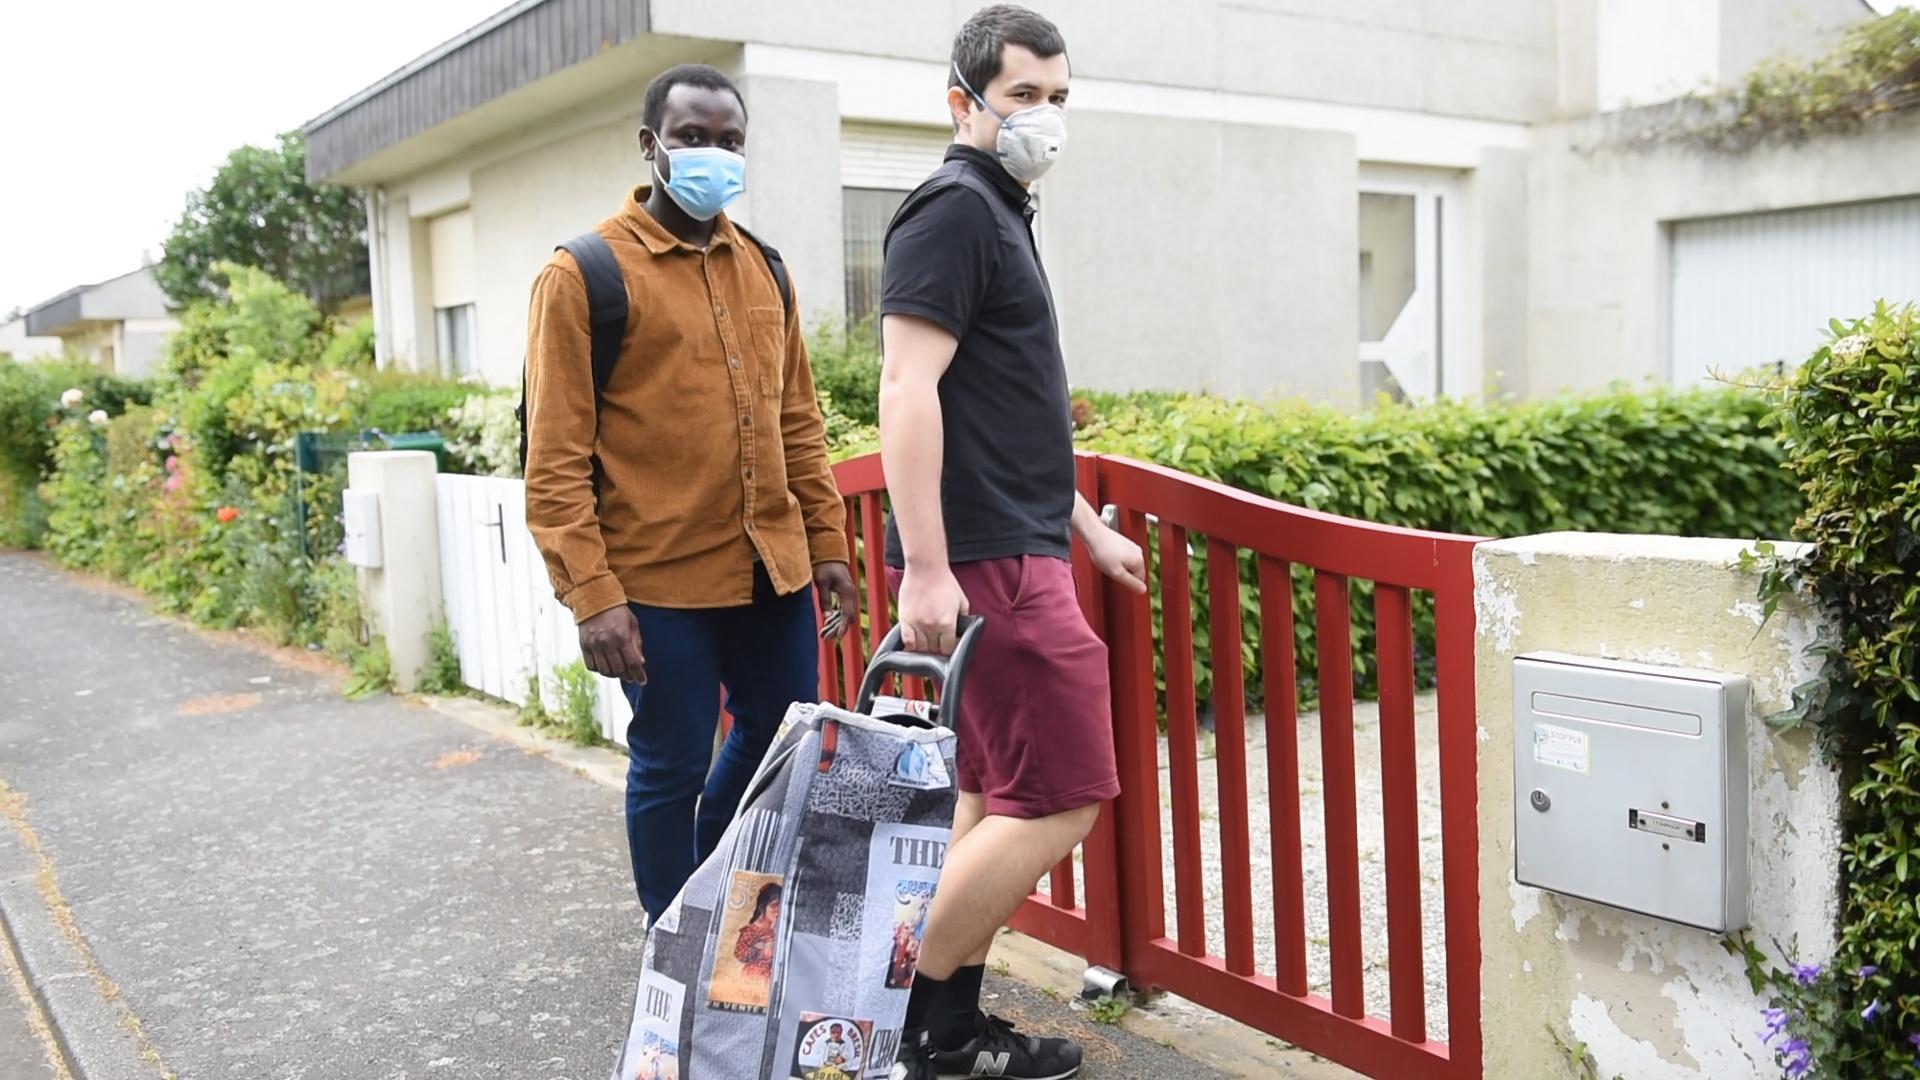 Un jour de confinement, deux étudiants, Moboladji Roger Alaye Djiman et Eliott Mels viennent livrer ses courses à une dame du quartier (capture d'écran d'une vidéo réalisée par Stéphanie Priou pour l Association Rennaise des Centres Sociaux)